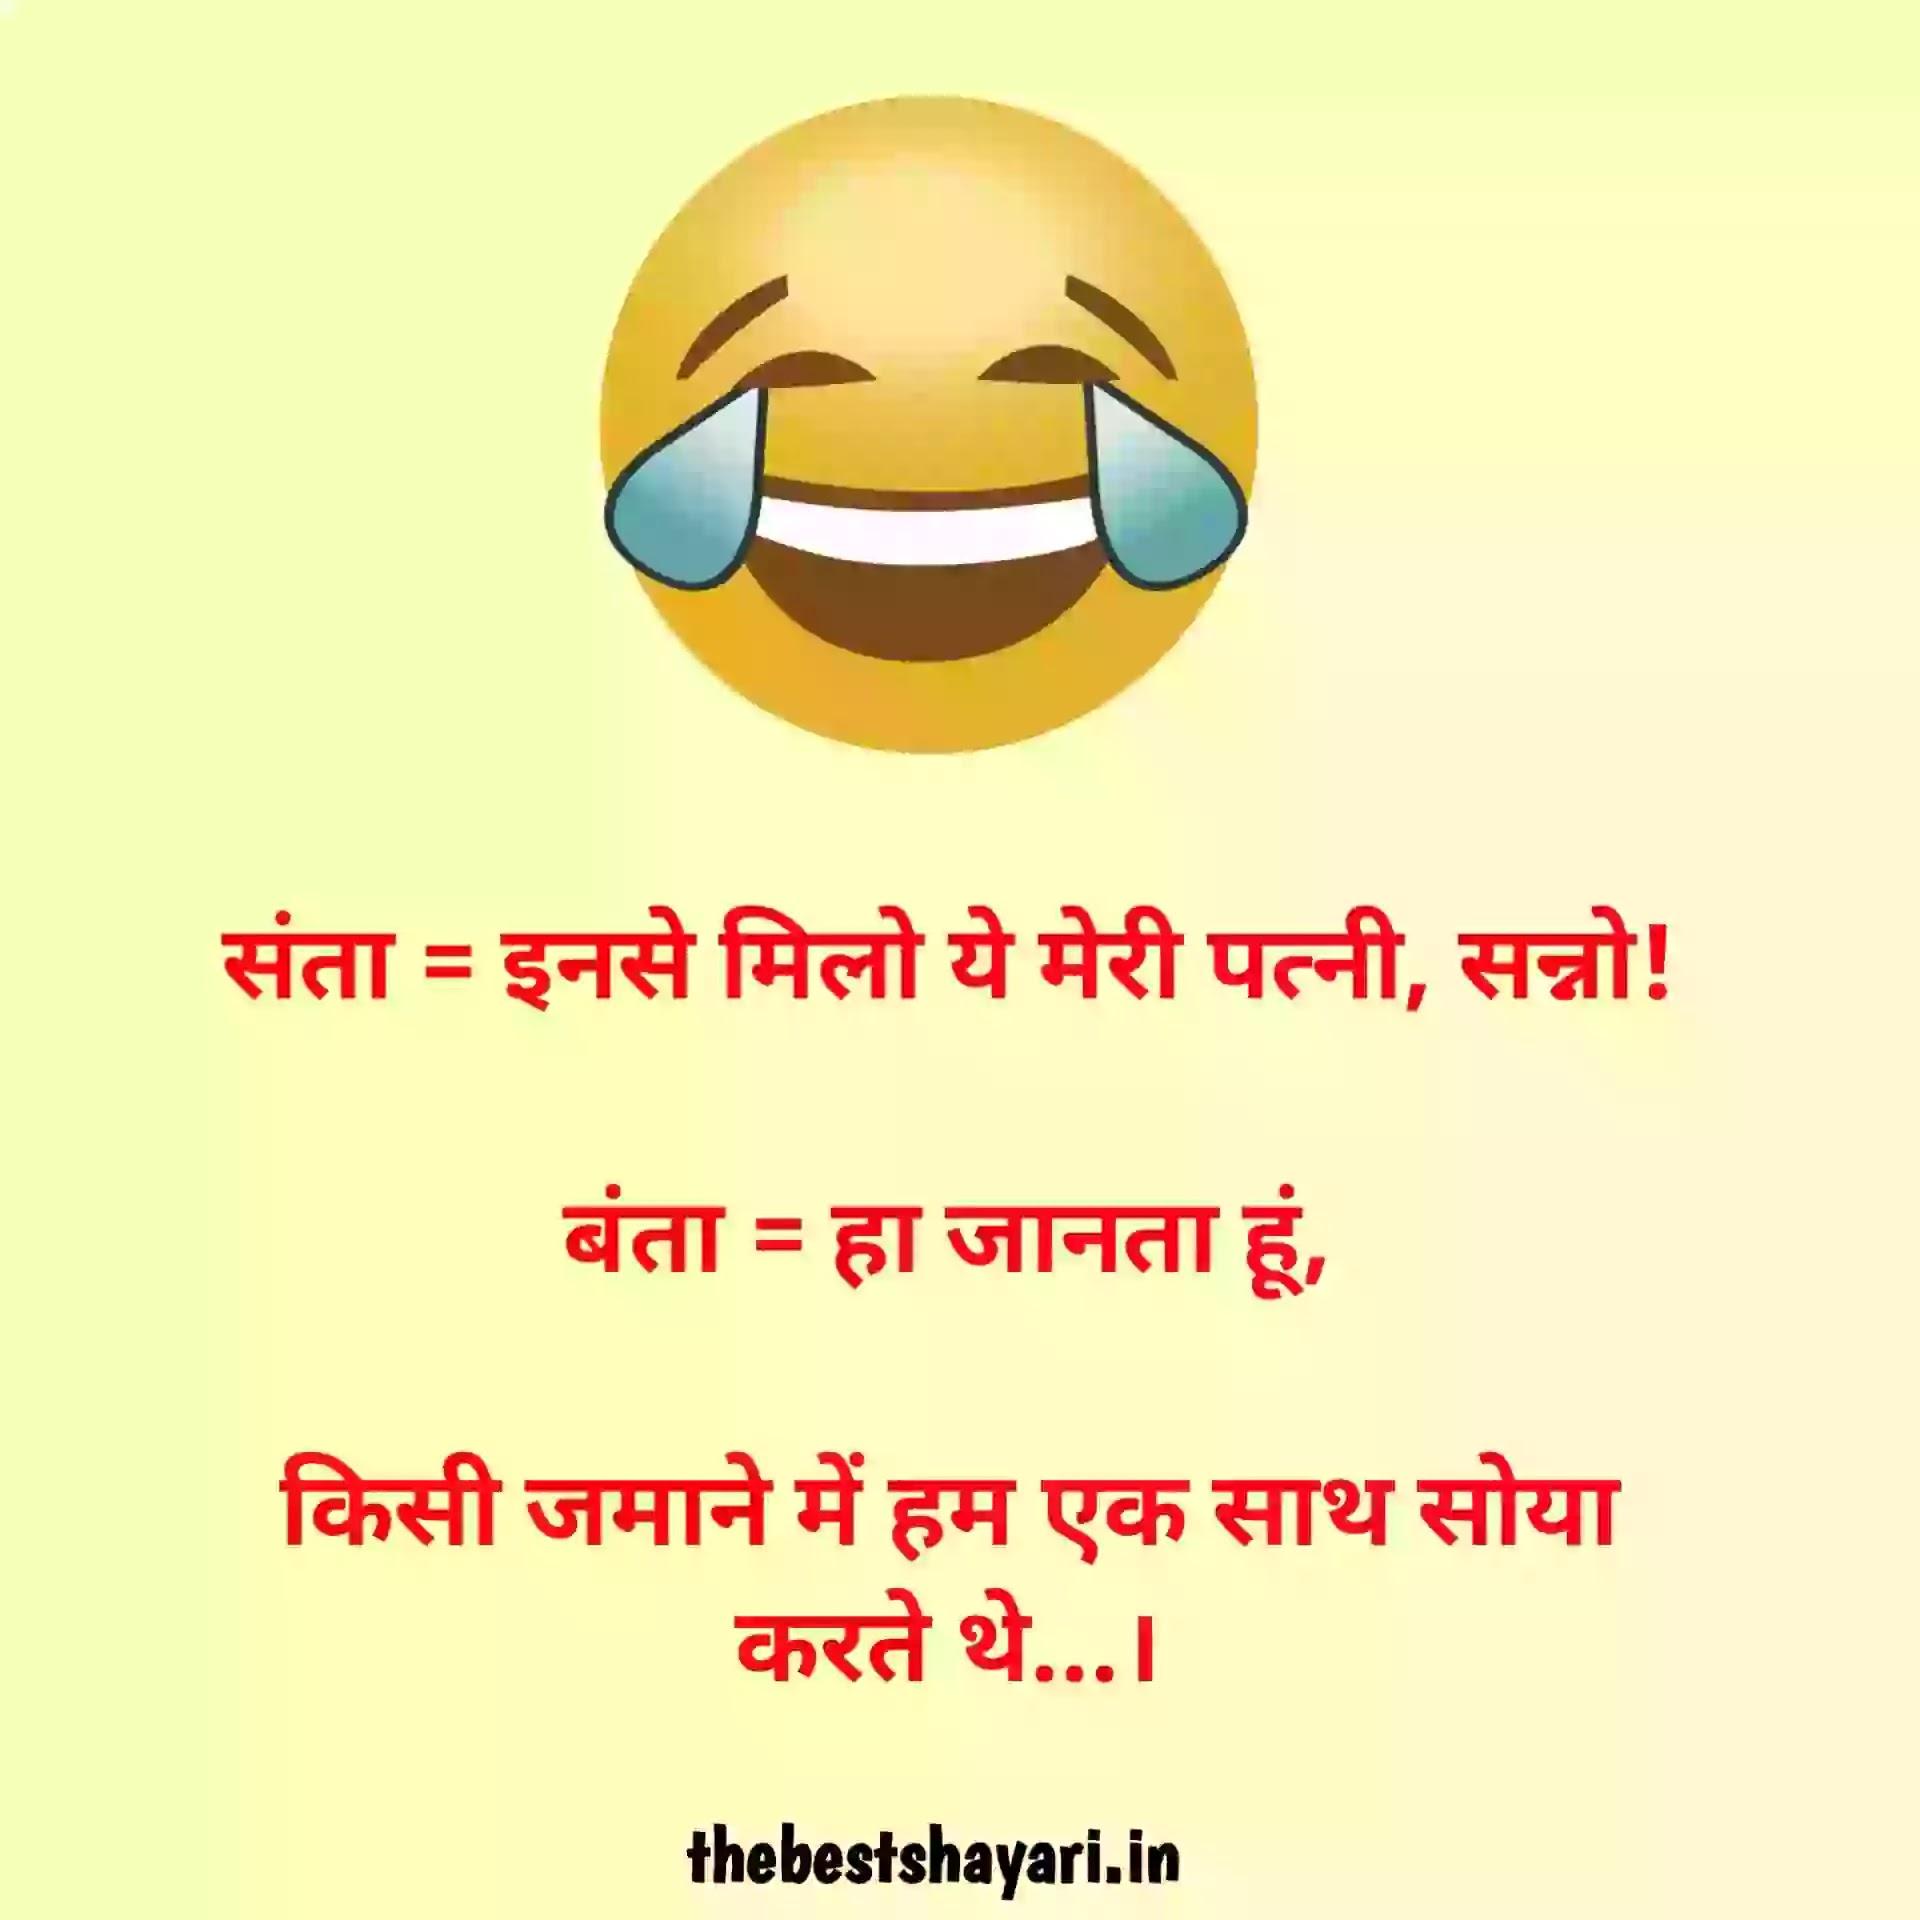 Hindi funny jokes photo